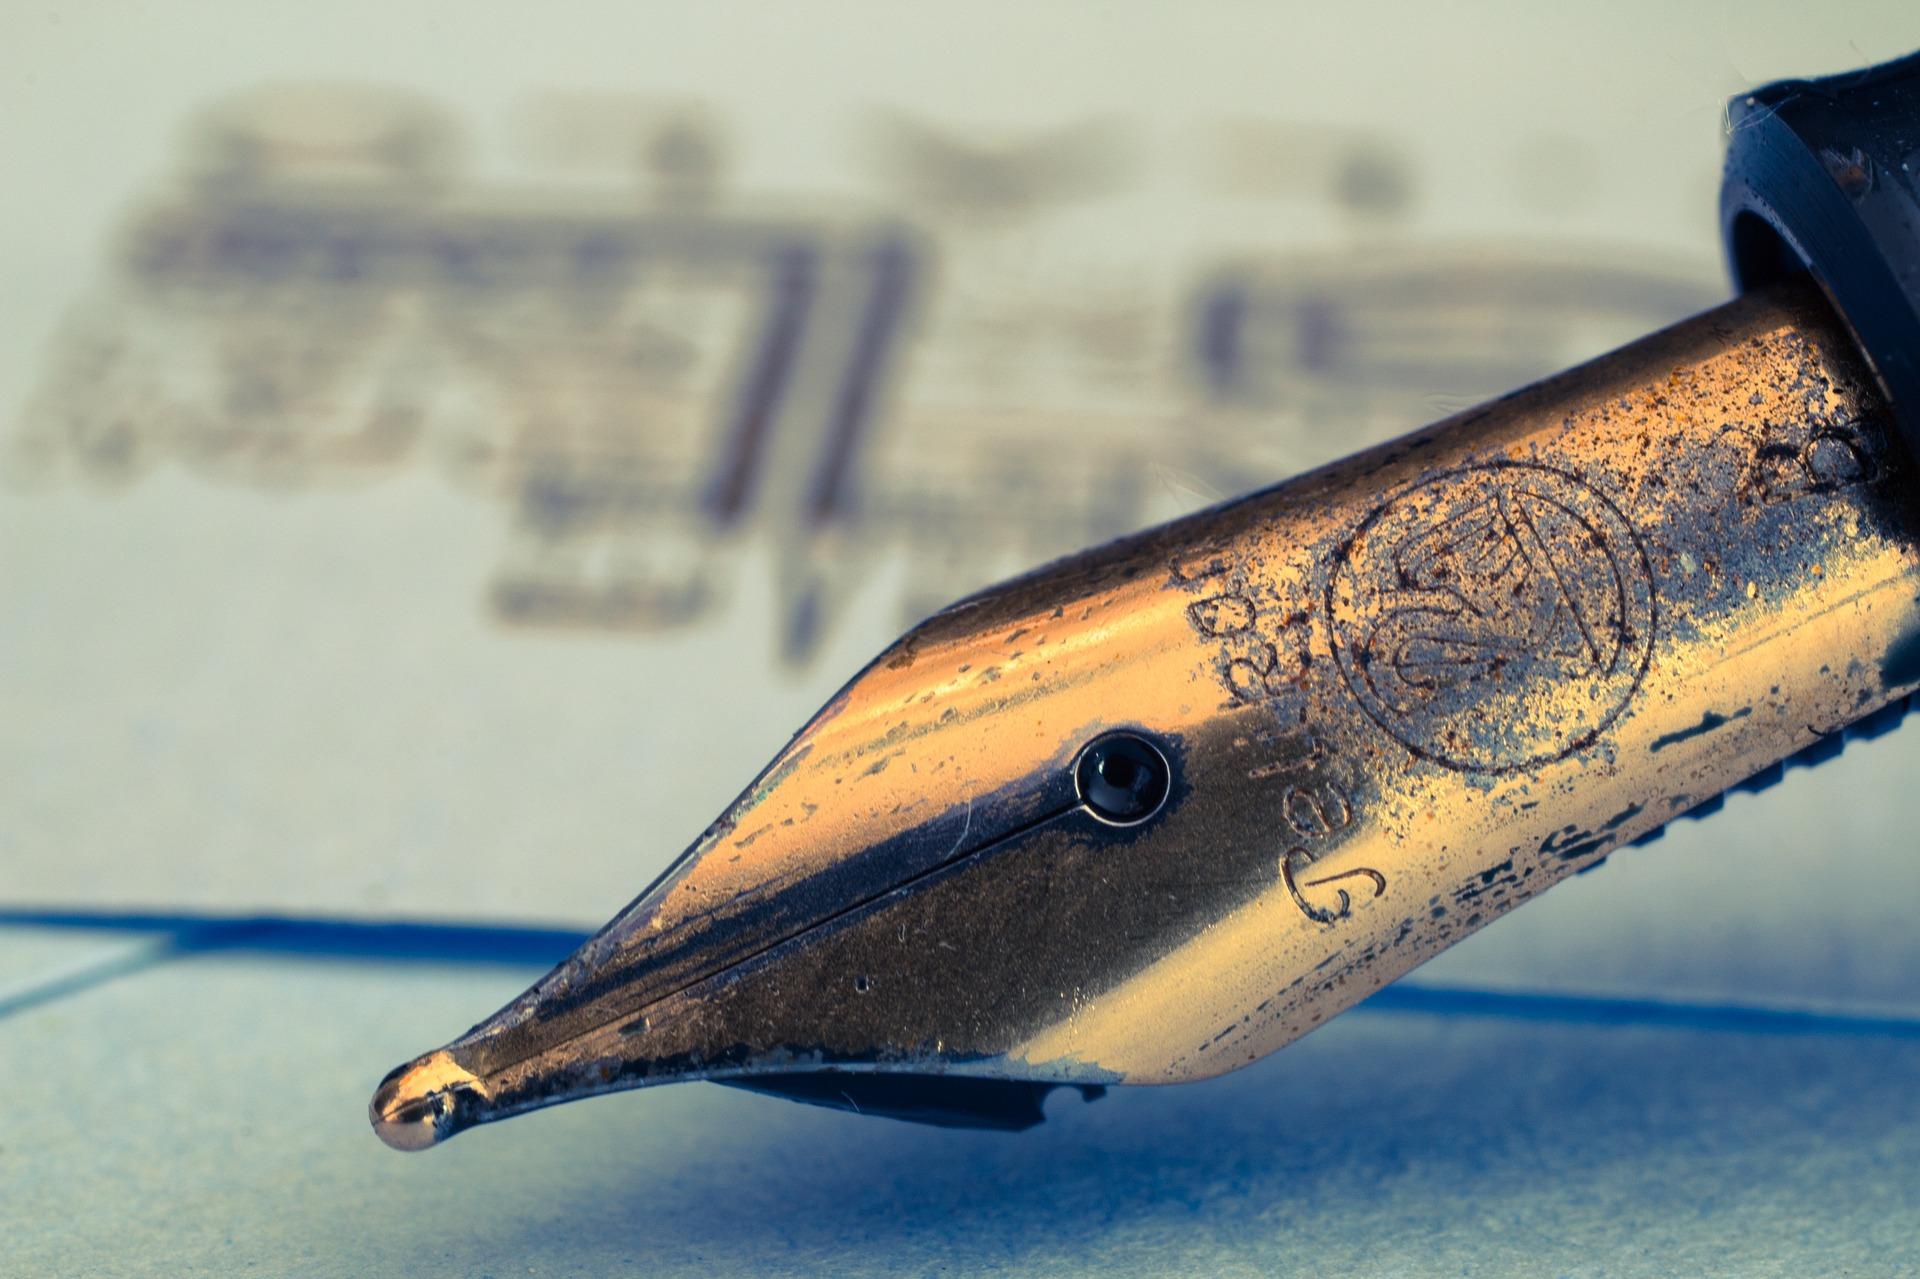 fountain-pens.jpg